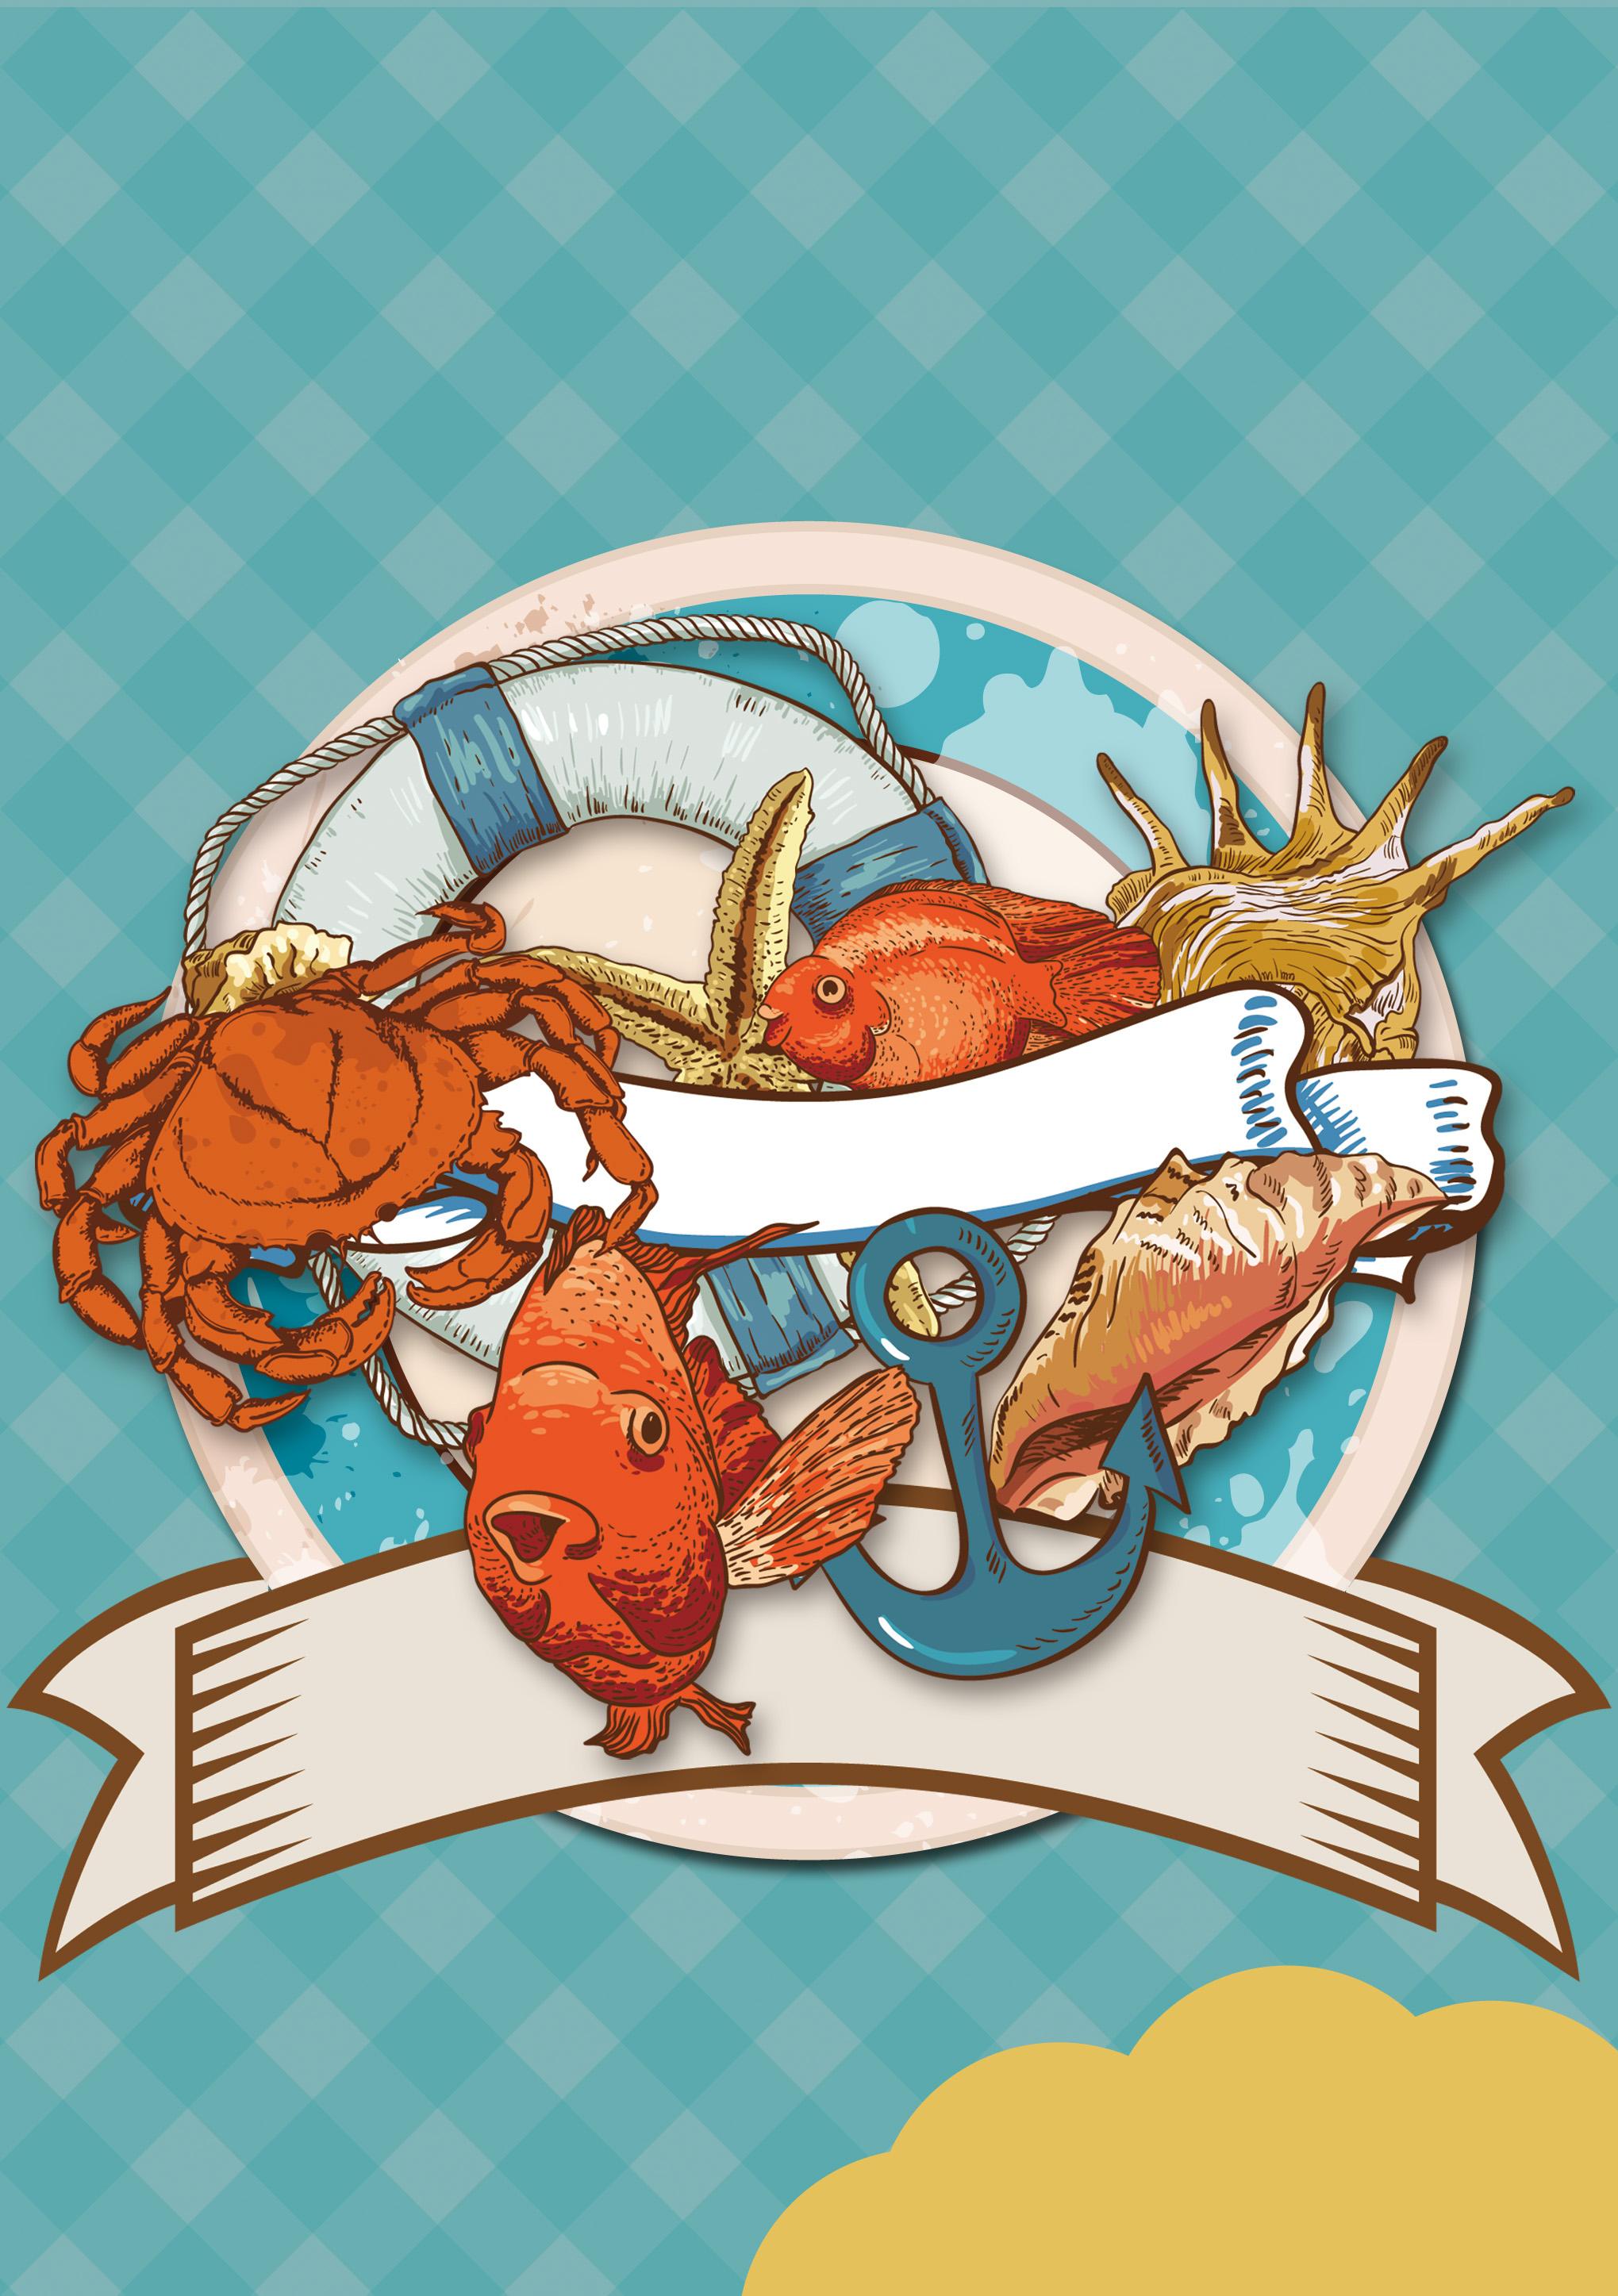 cartoon seafood restaurant actividad publicidad material de antecedentes dibujos animados de